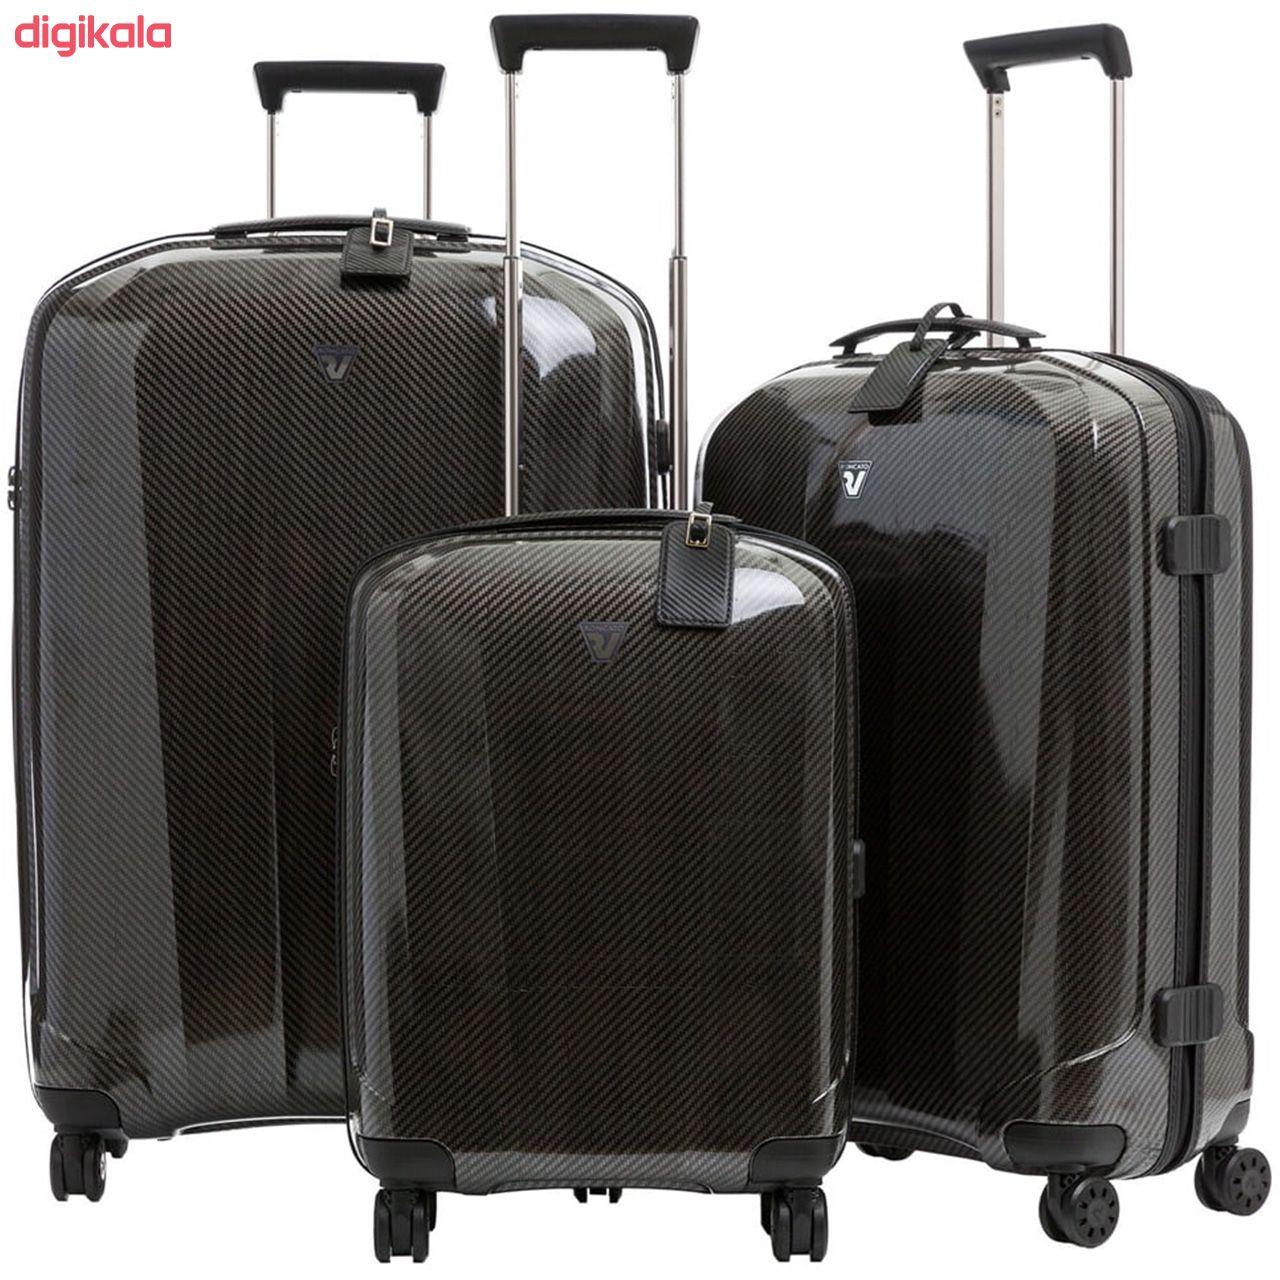 مجموعه سه عددی چمدان رونکاتو مدل 5950 main 1 2